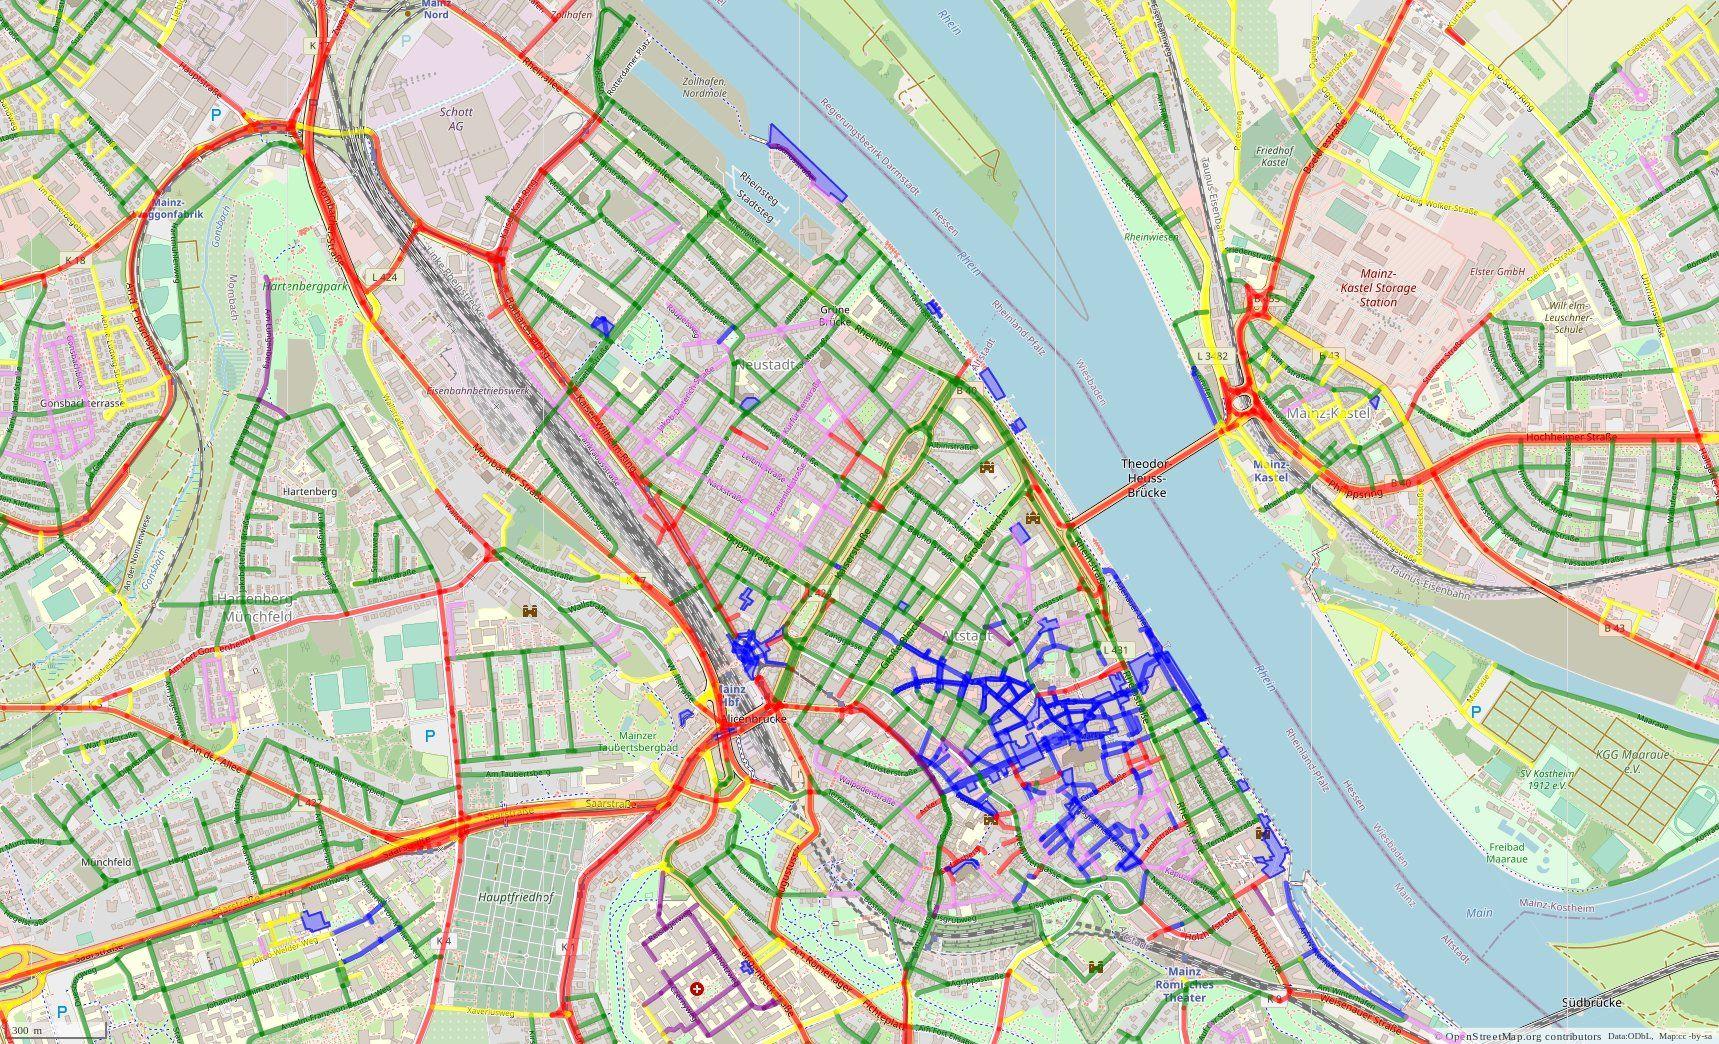 Straßenkarte von Mainz mit Visualisierung der Höchstgeschwindigkeiten